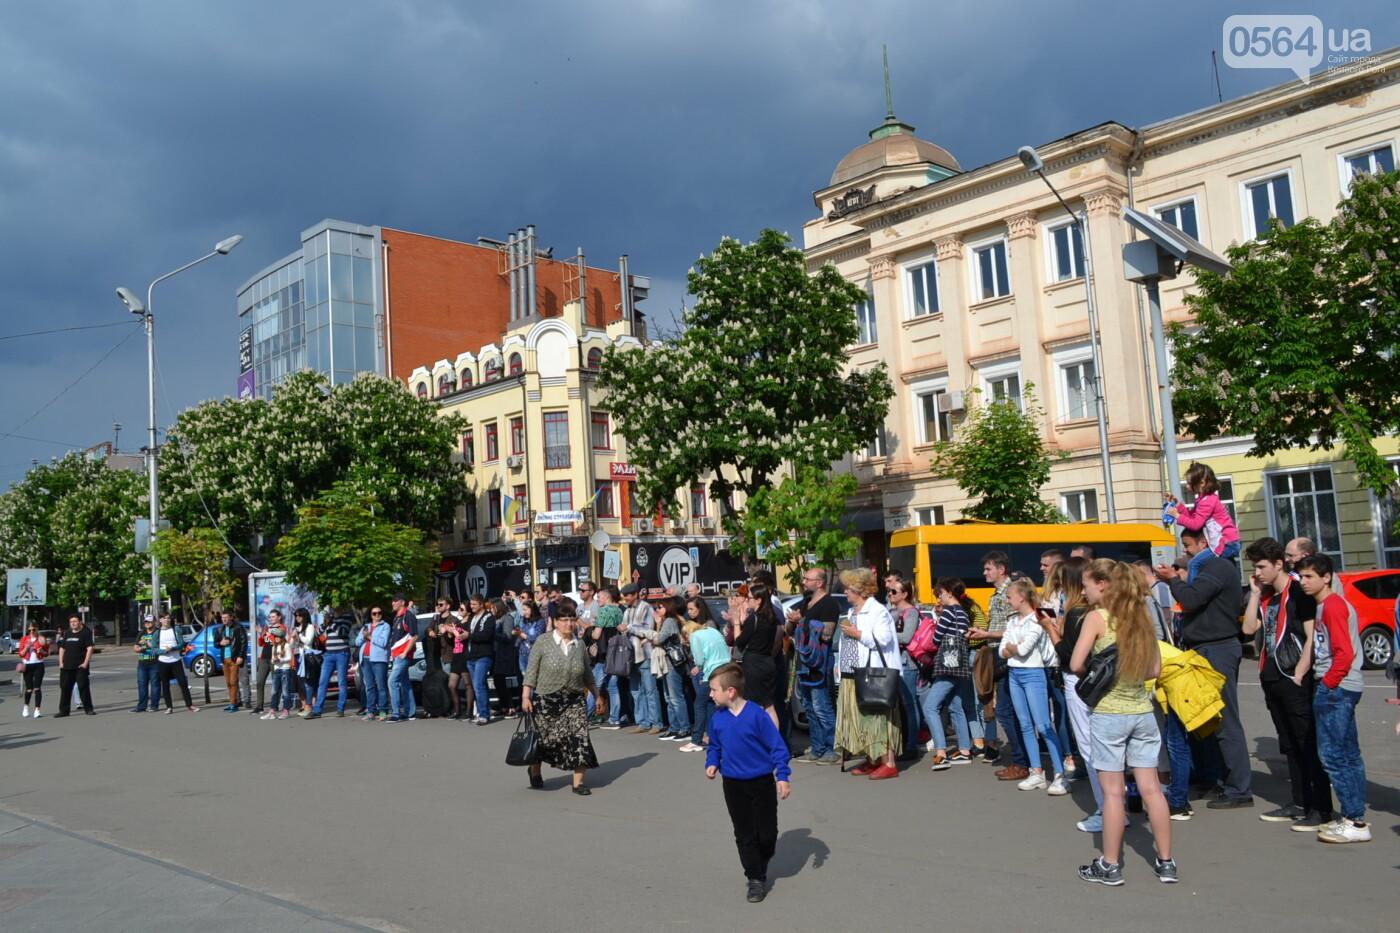 Играют все: на проспекте Почтовом в Кривом Роге проходит фестиваль уличной музыки, - ФОТО, ВИДЕО, фото-7